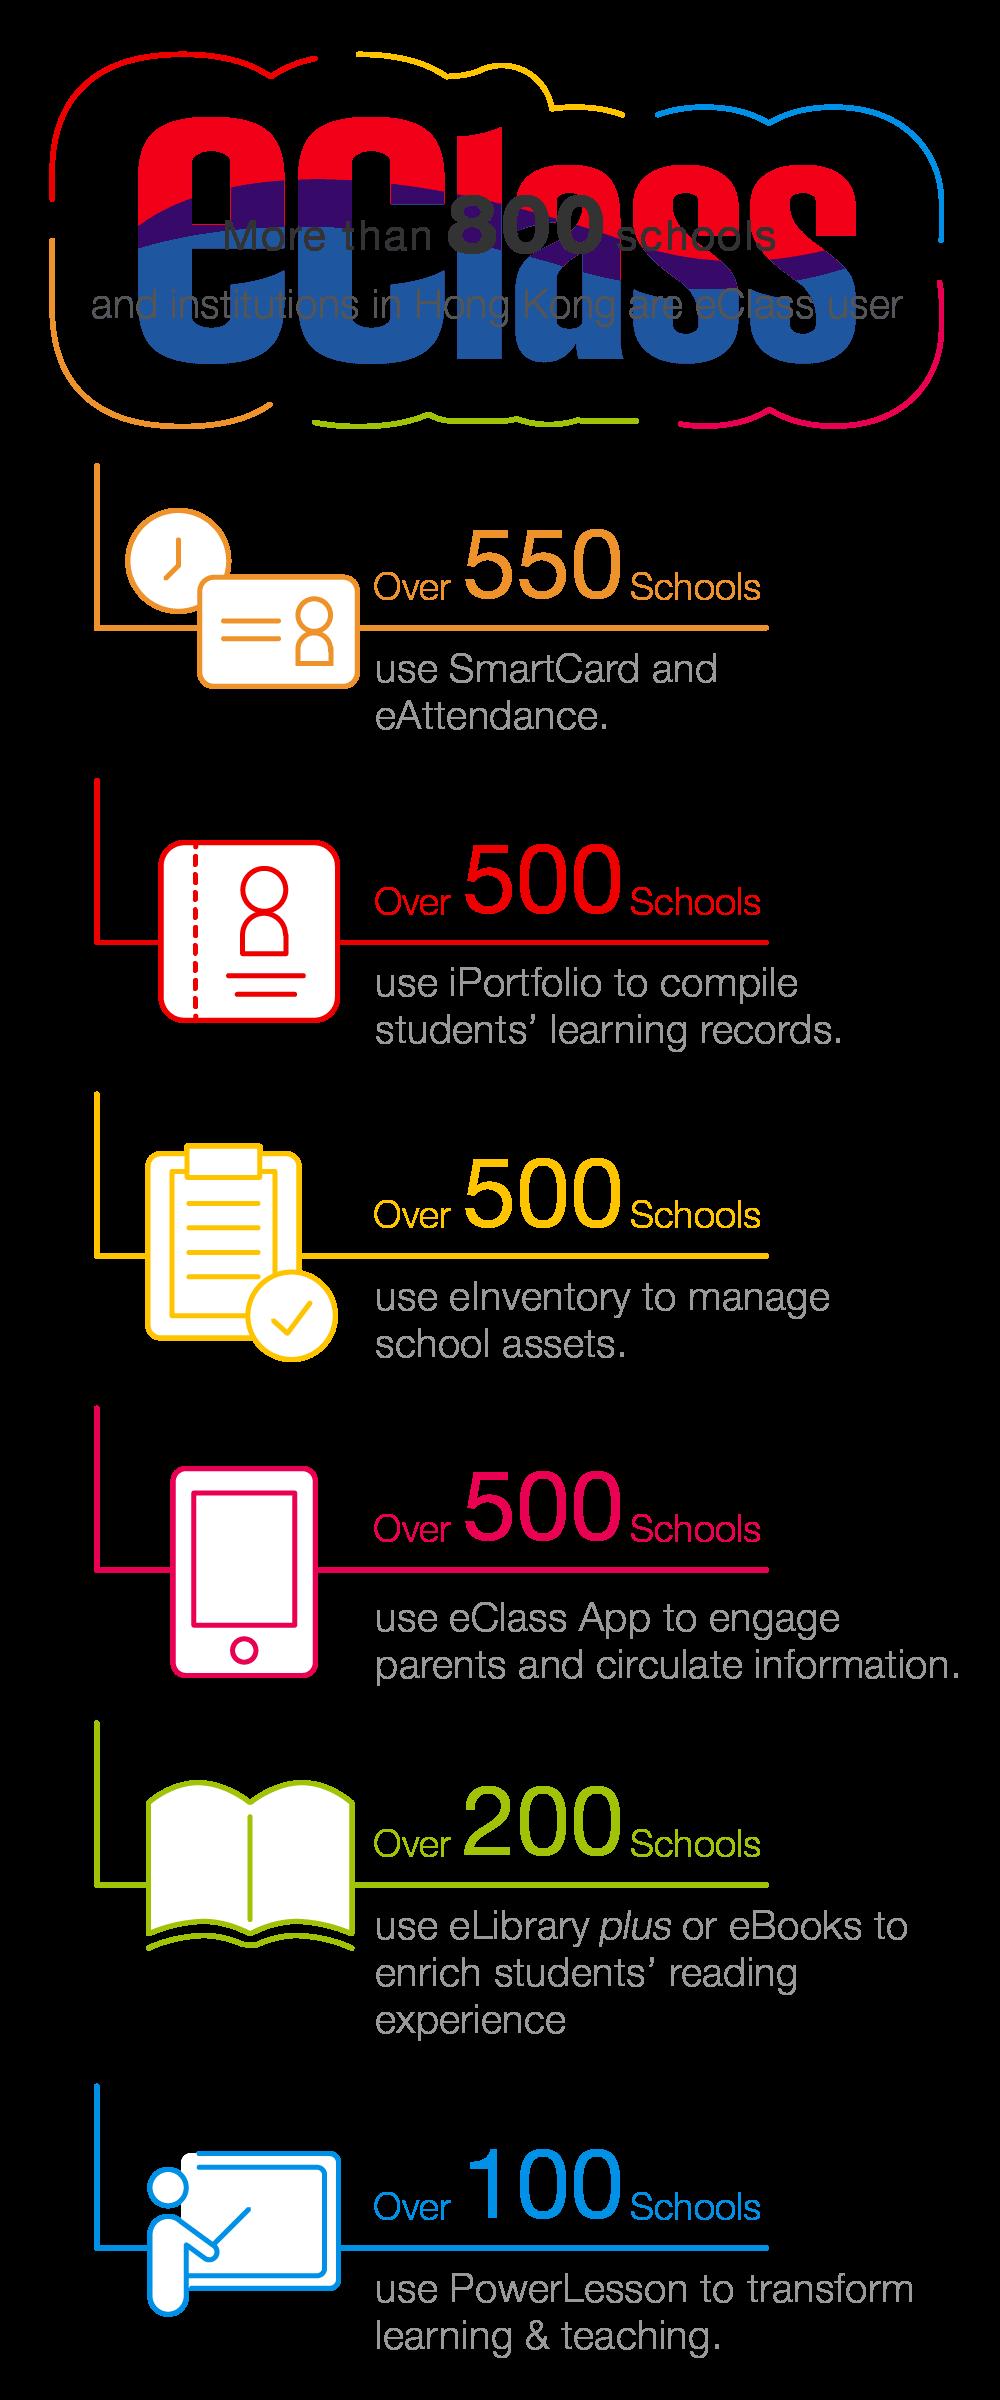 about_figures_mobile_en